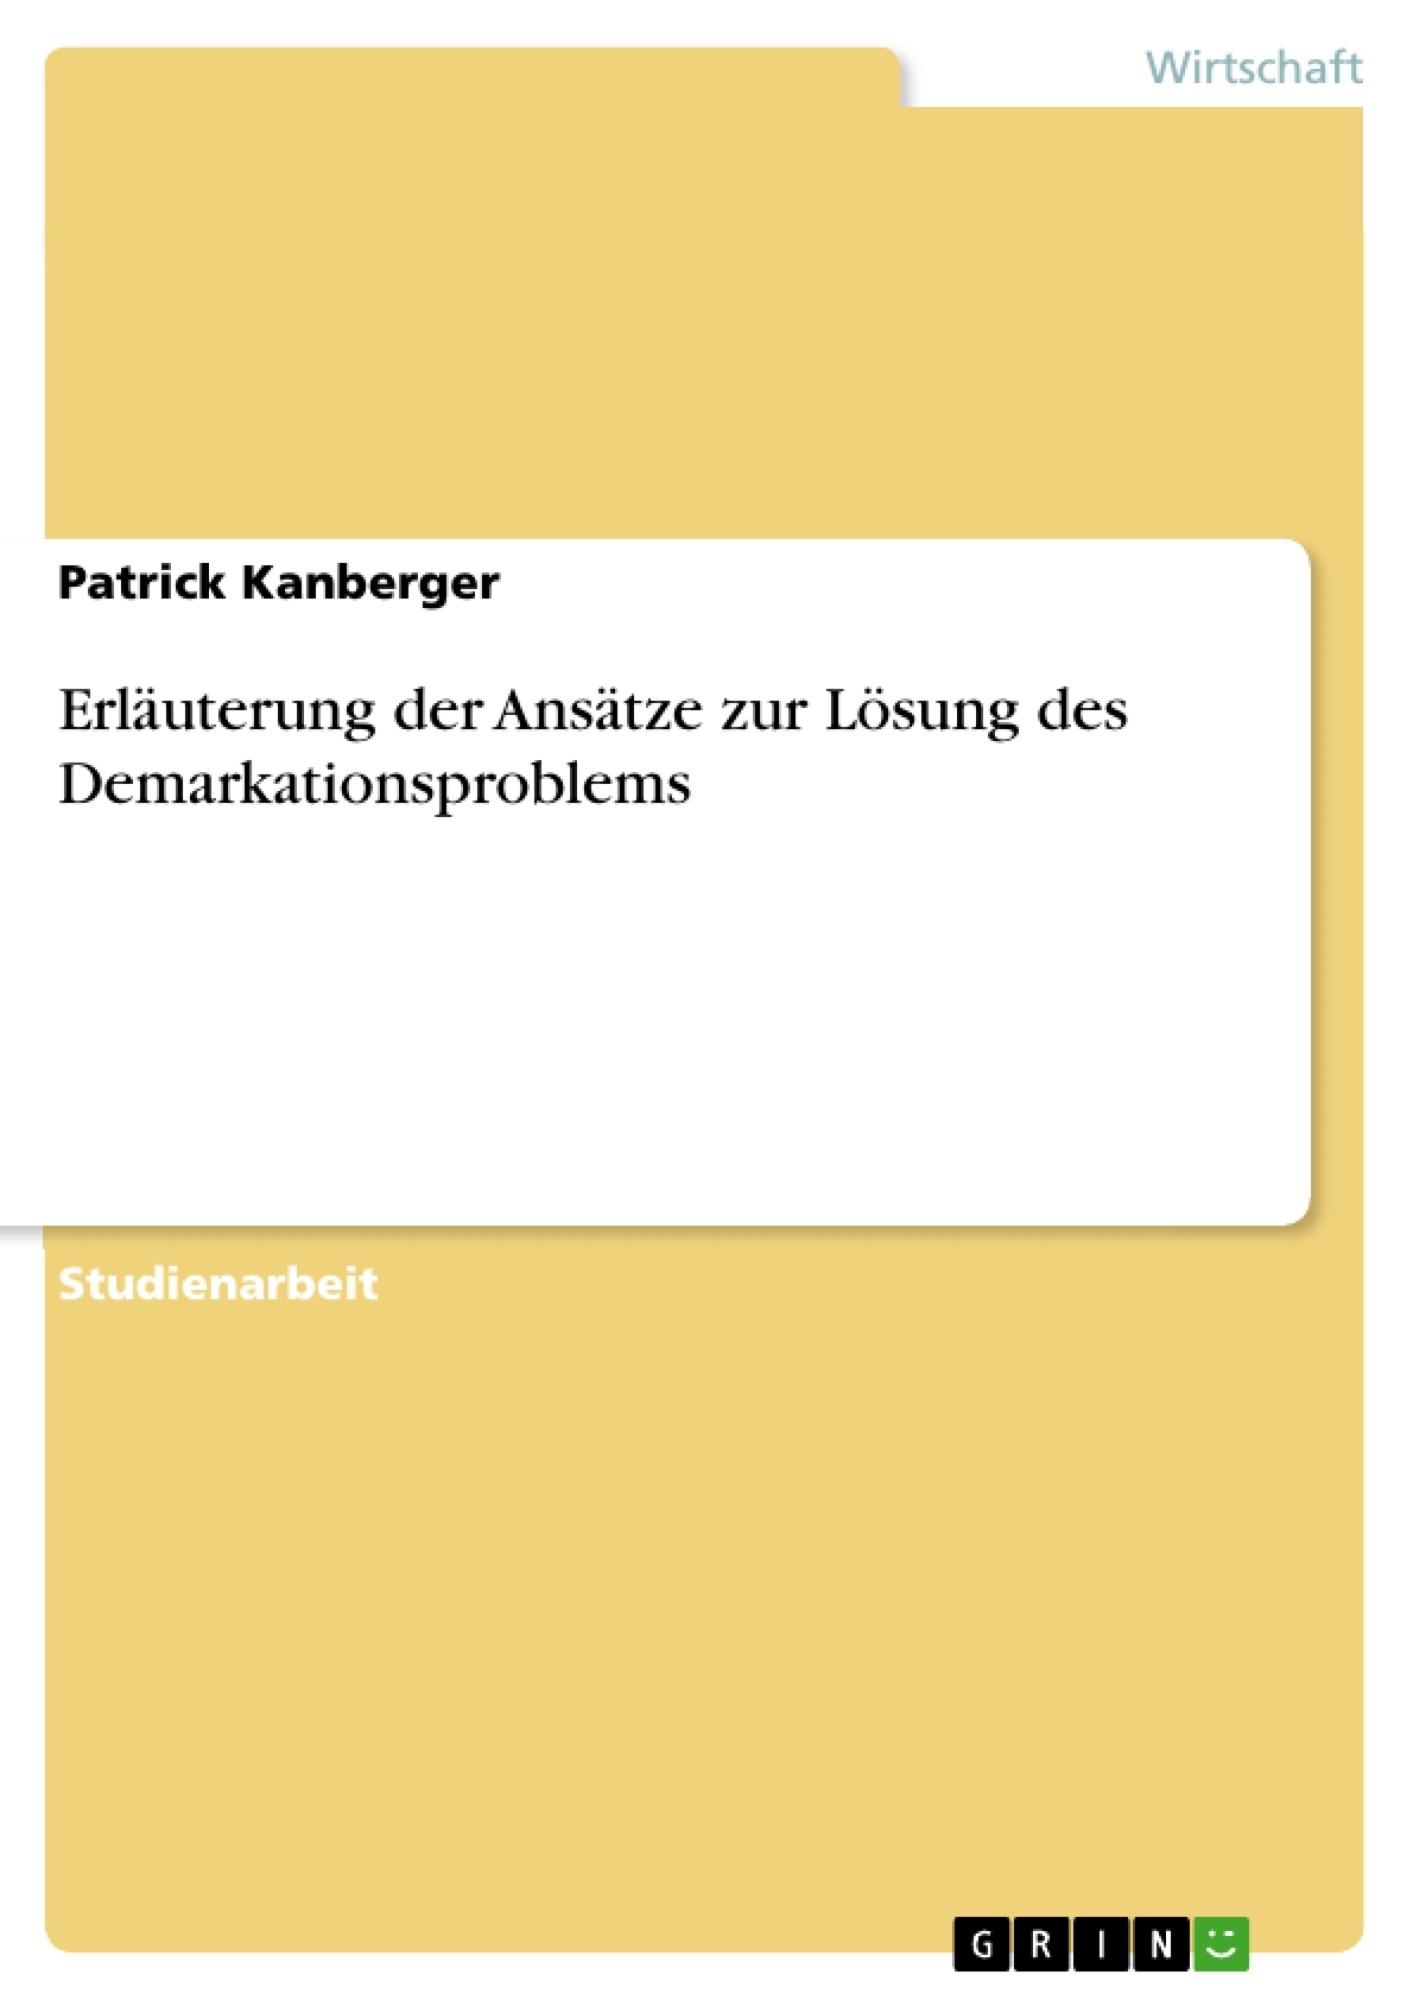 Titel: Erläuterung der Ansätze zur Lösung des Demarkationsproblems